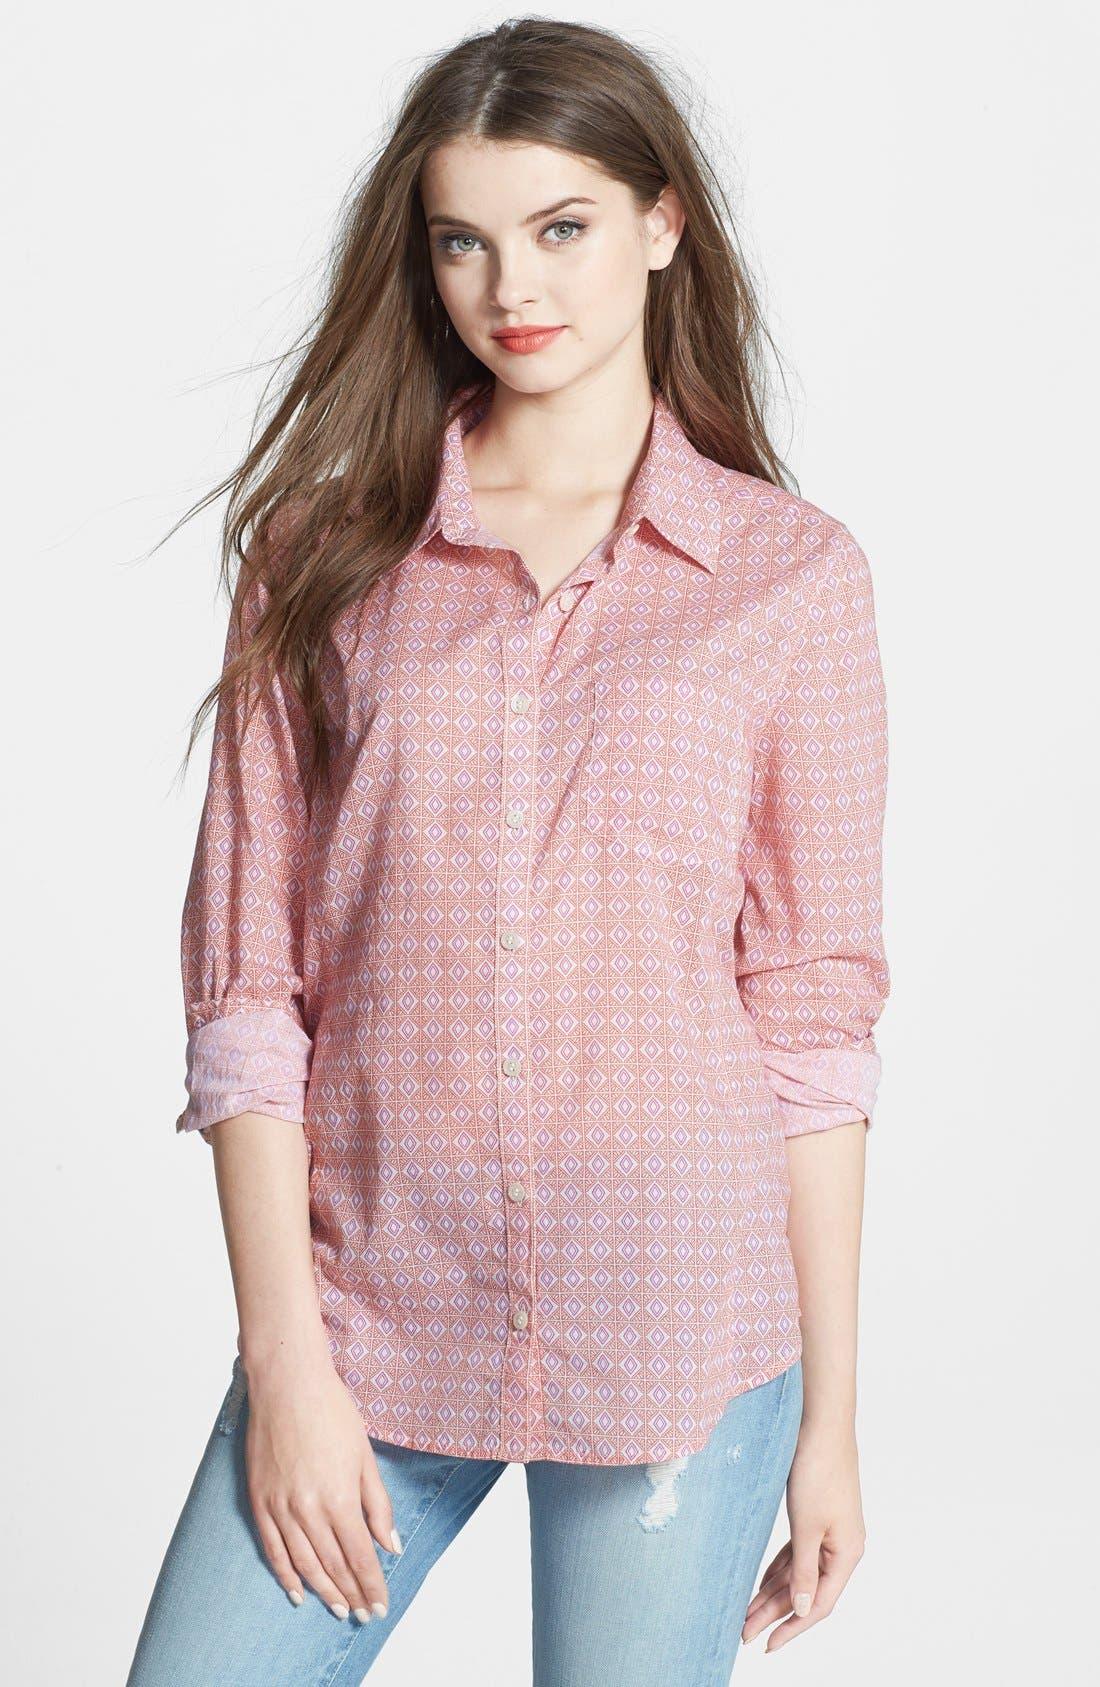 Alternate Image 1 Selected - Caslon® Cotton Blend Blouse